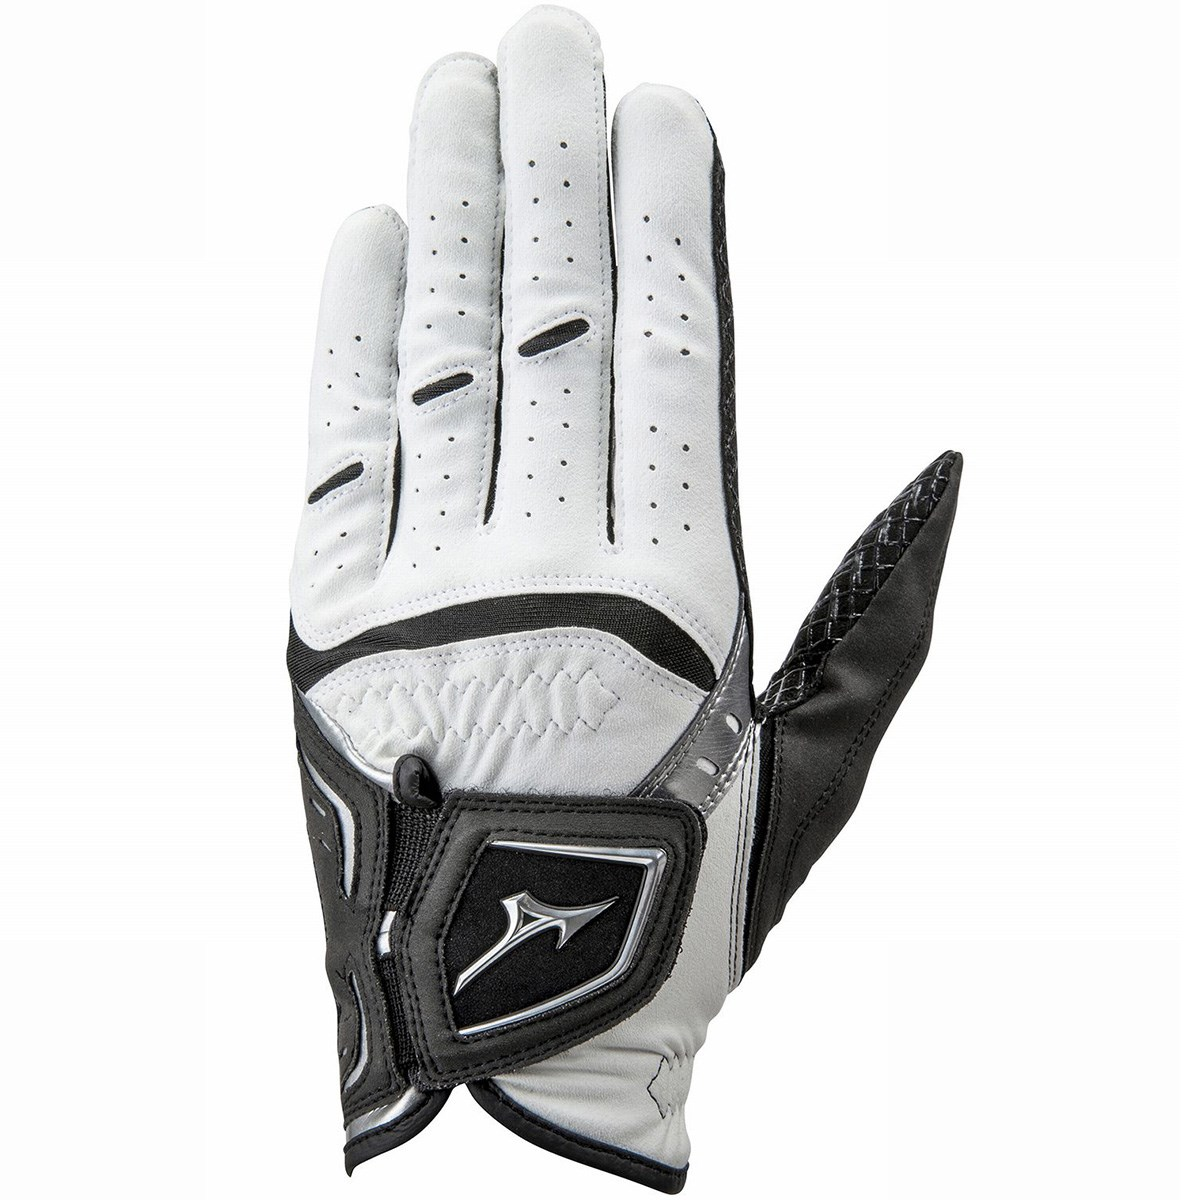 ミズノ MIZUNO OP W-GRIP グローブ 21cm 左手着用(右利き用) ホワイト/ブラック